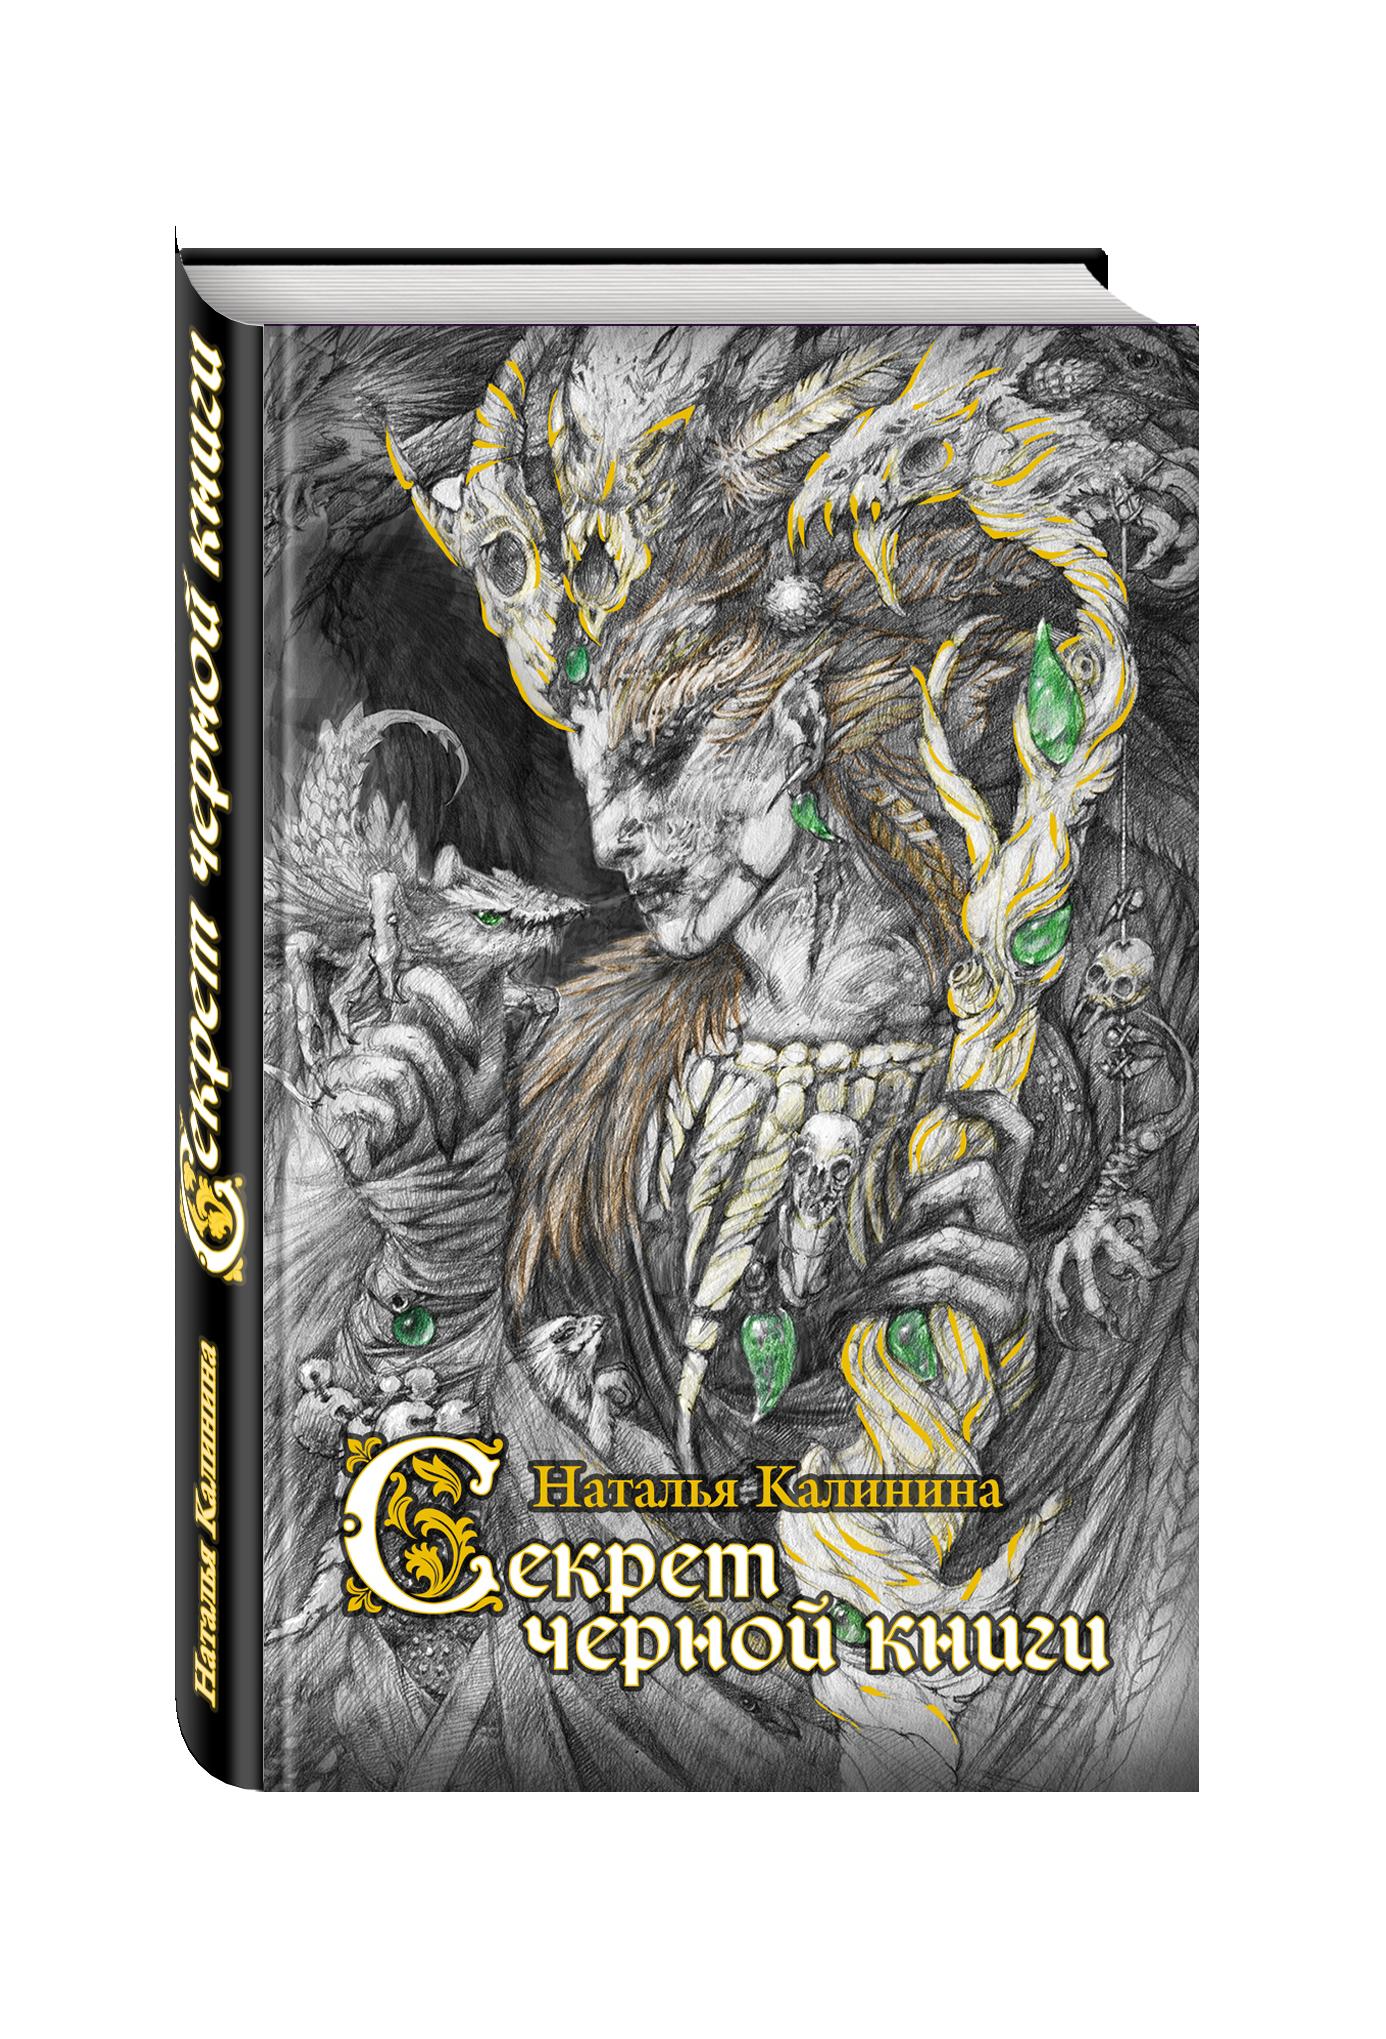 Секрет черной книги ( Калинина Н.Д.  )